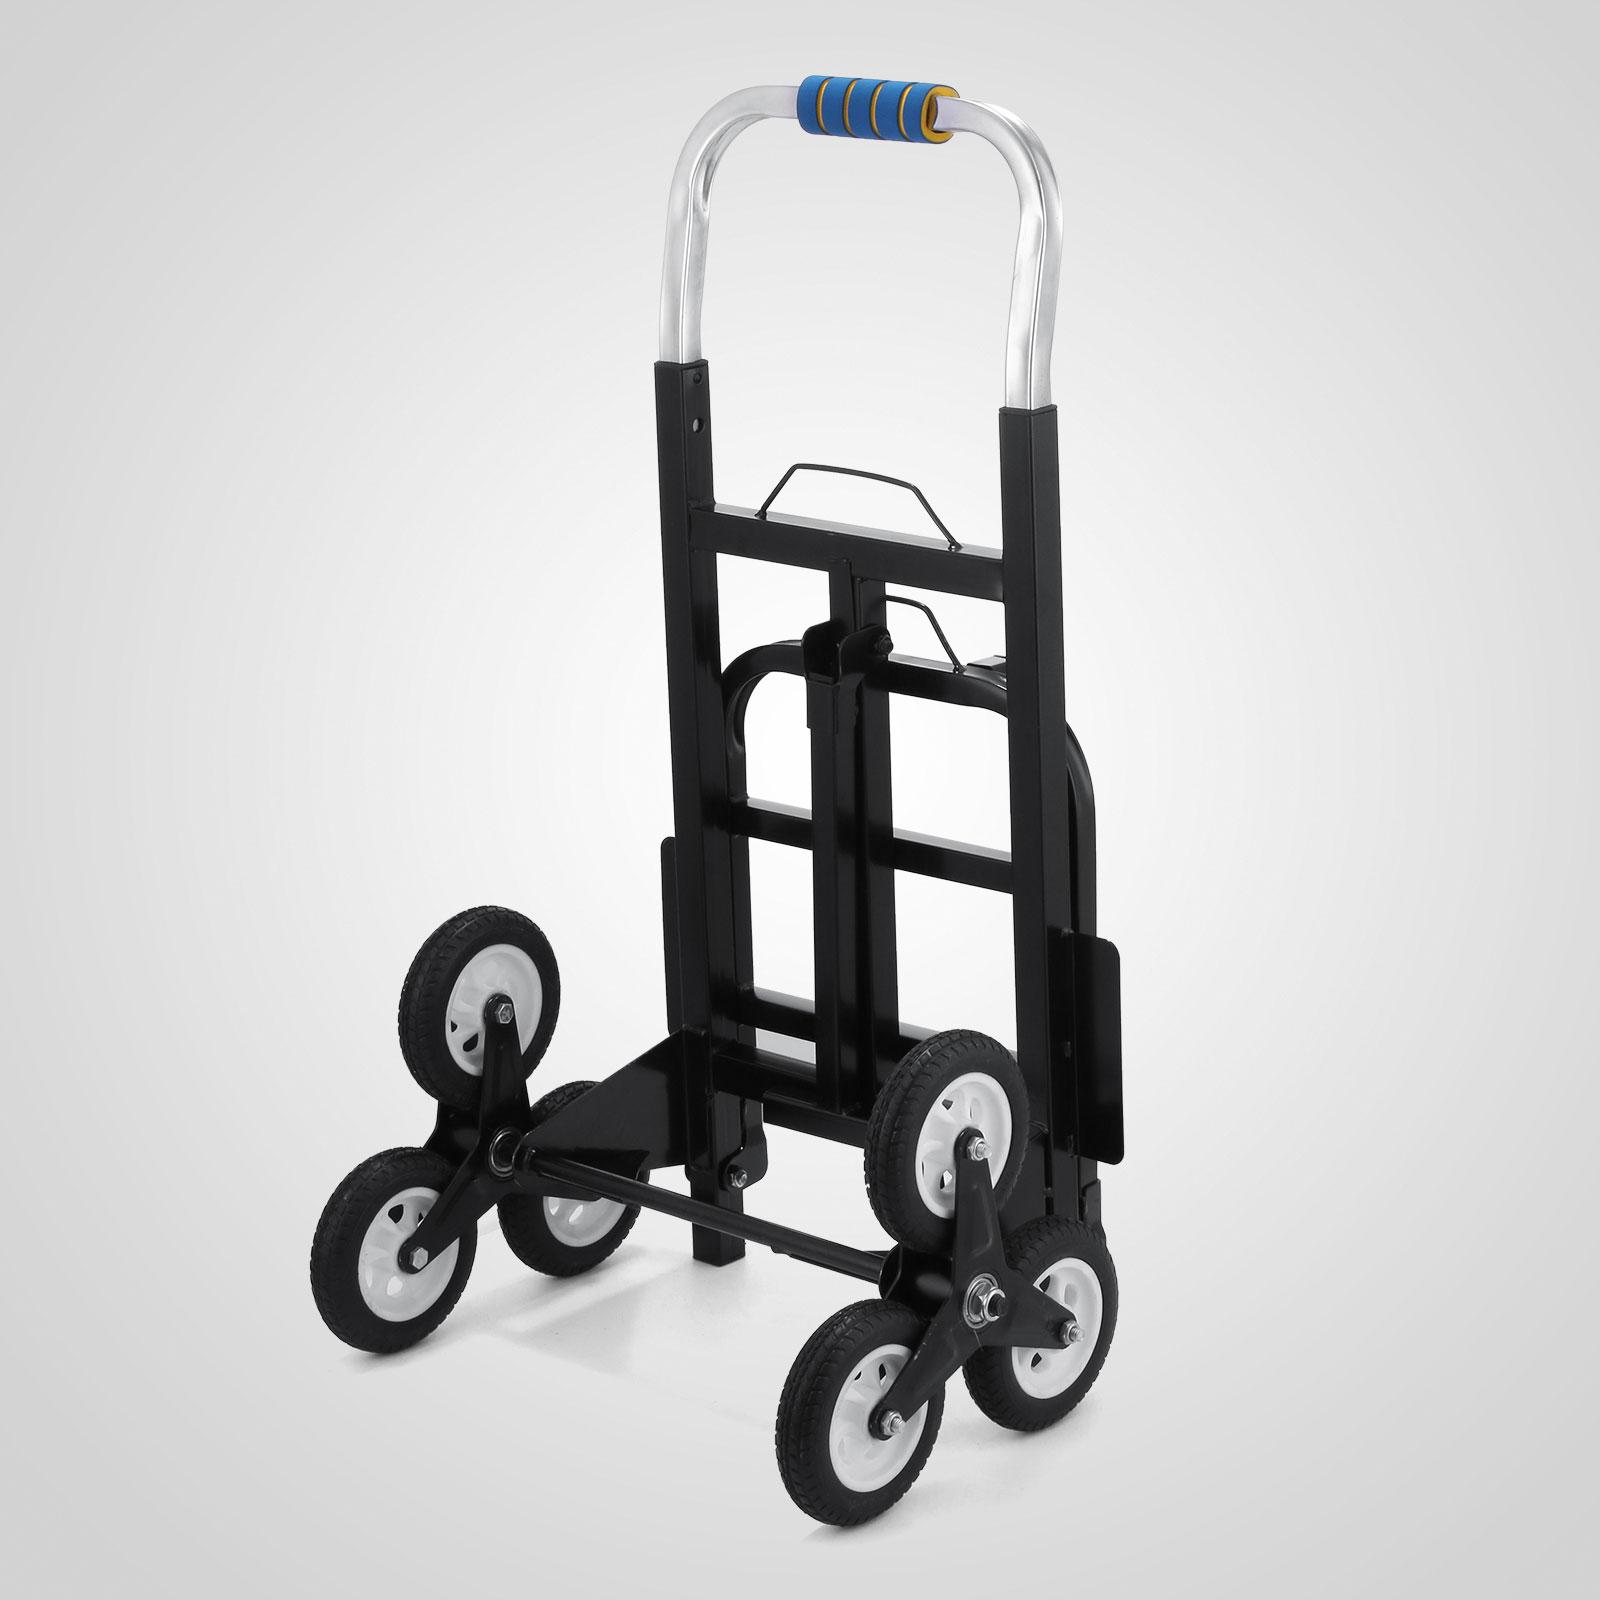 Portable Step Stair Climb Climbing Folding Cart All-Terrain 6 Wheels ...